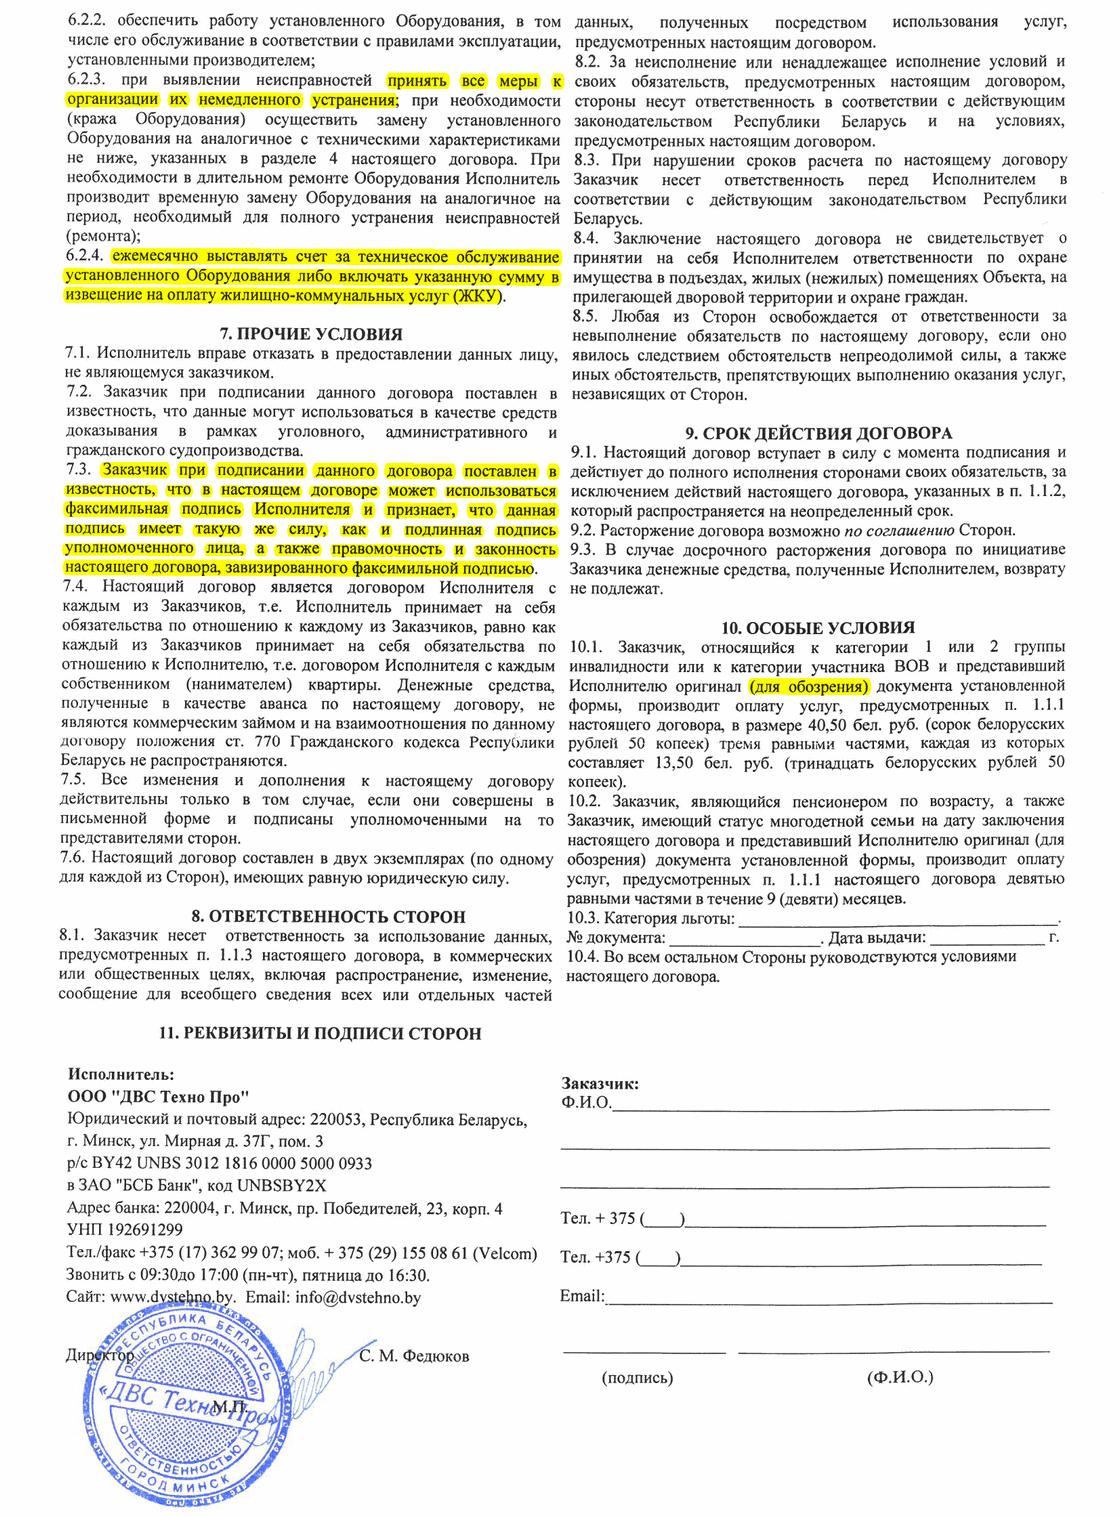 Договор на оказание услуг по созданию системы наружной видеорегистрации